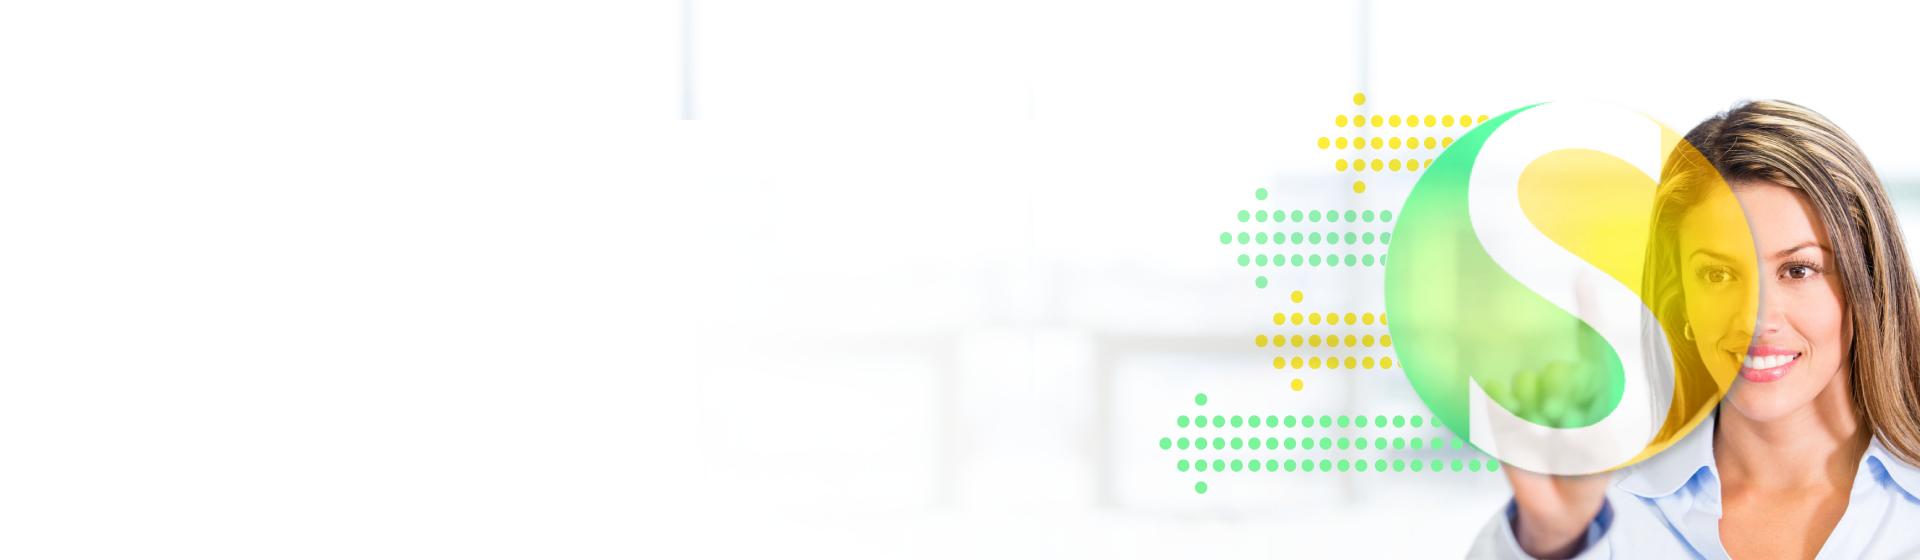 Al novo modelo banner3 curso unifenacon novo simples mai19